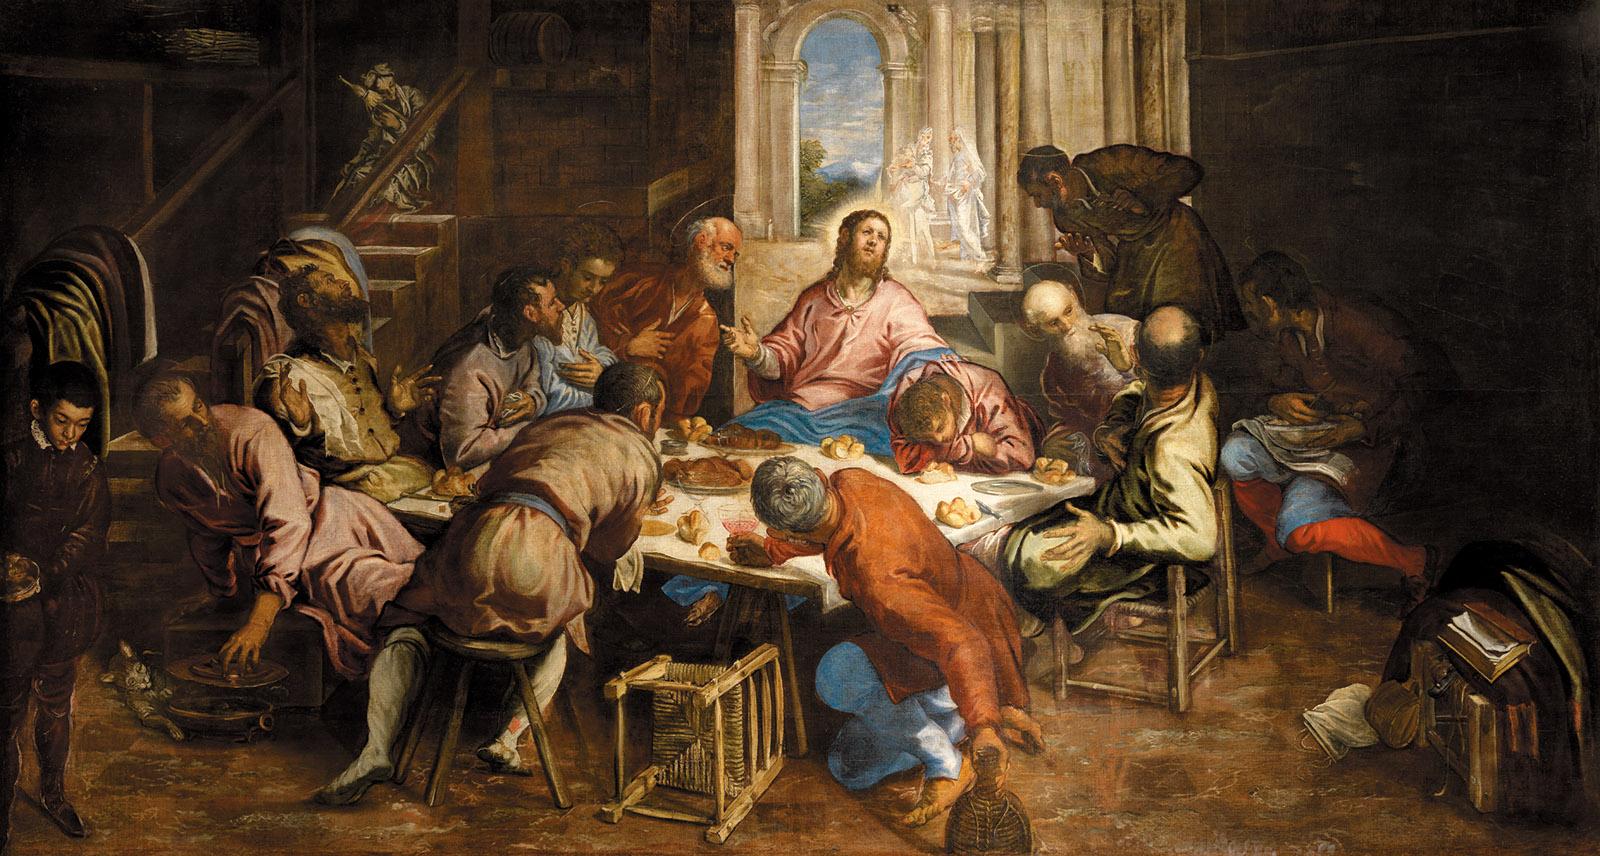 Jacopo Tintoretto: The Last Supper, 87 x 162 5/8 inches, circa 1563–1564